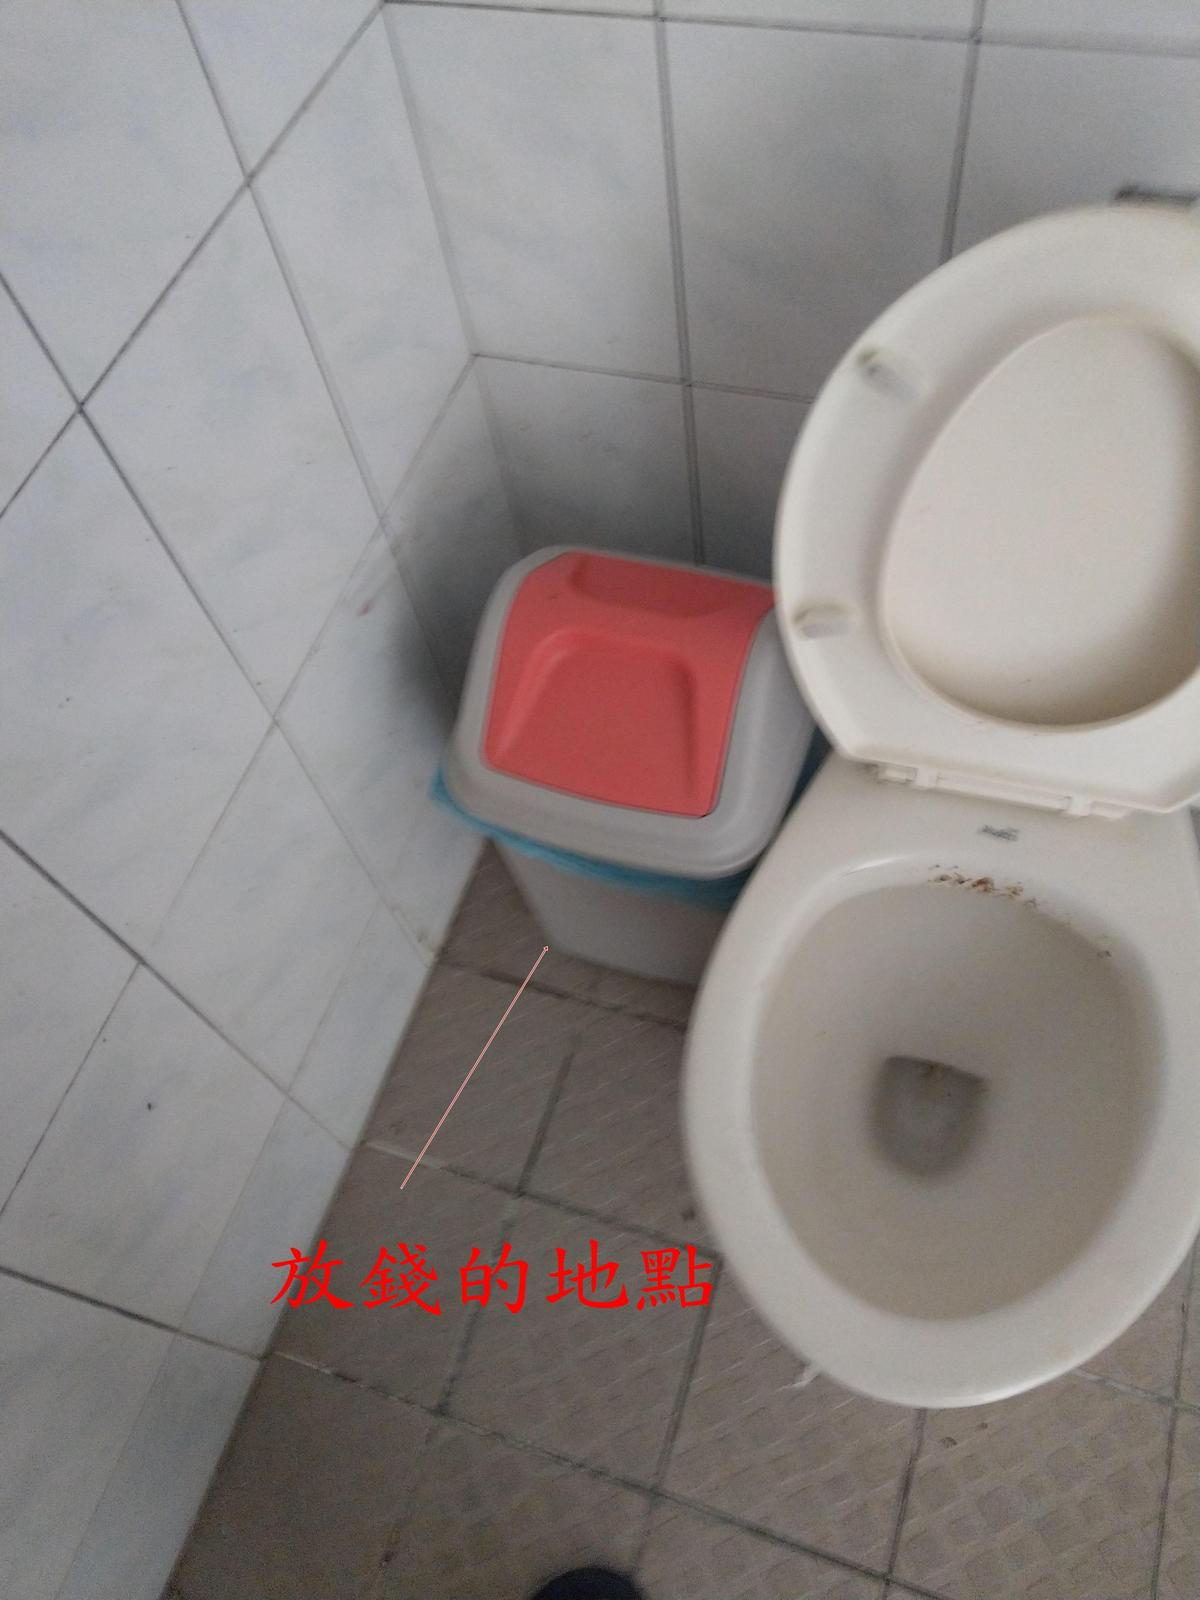 將包裹置放於公共廁所、置物櫃等處製造偵察斷點躲避警方查緝。(刑事局提供)